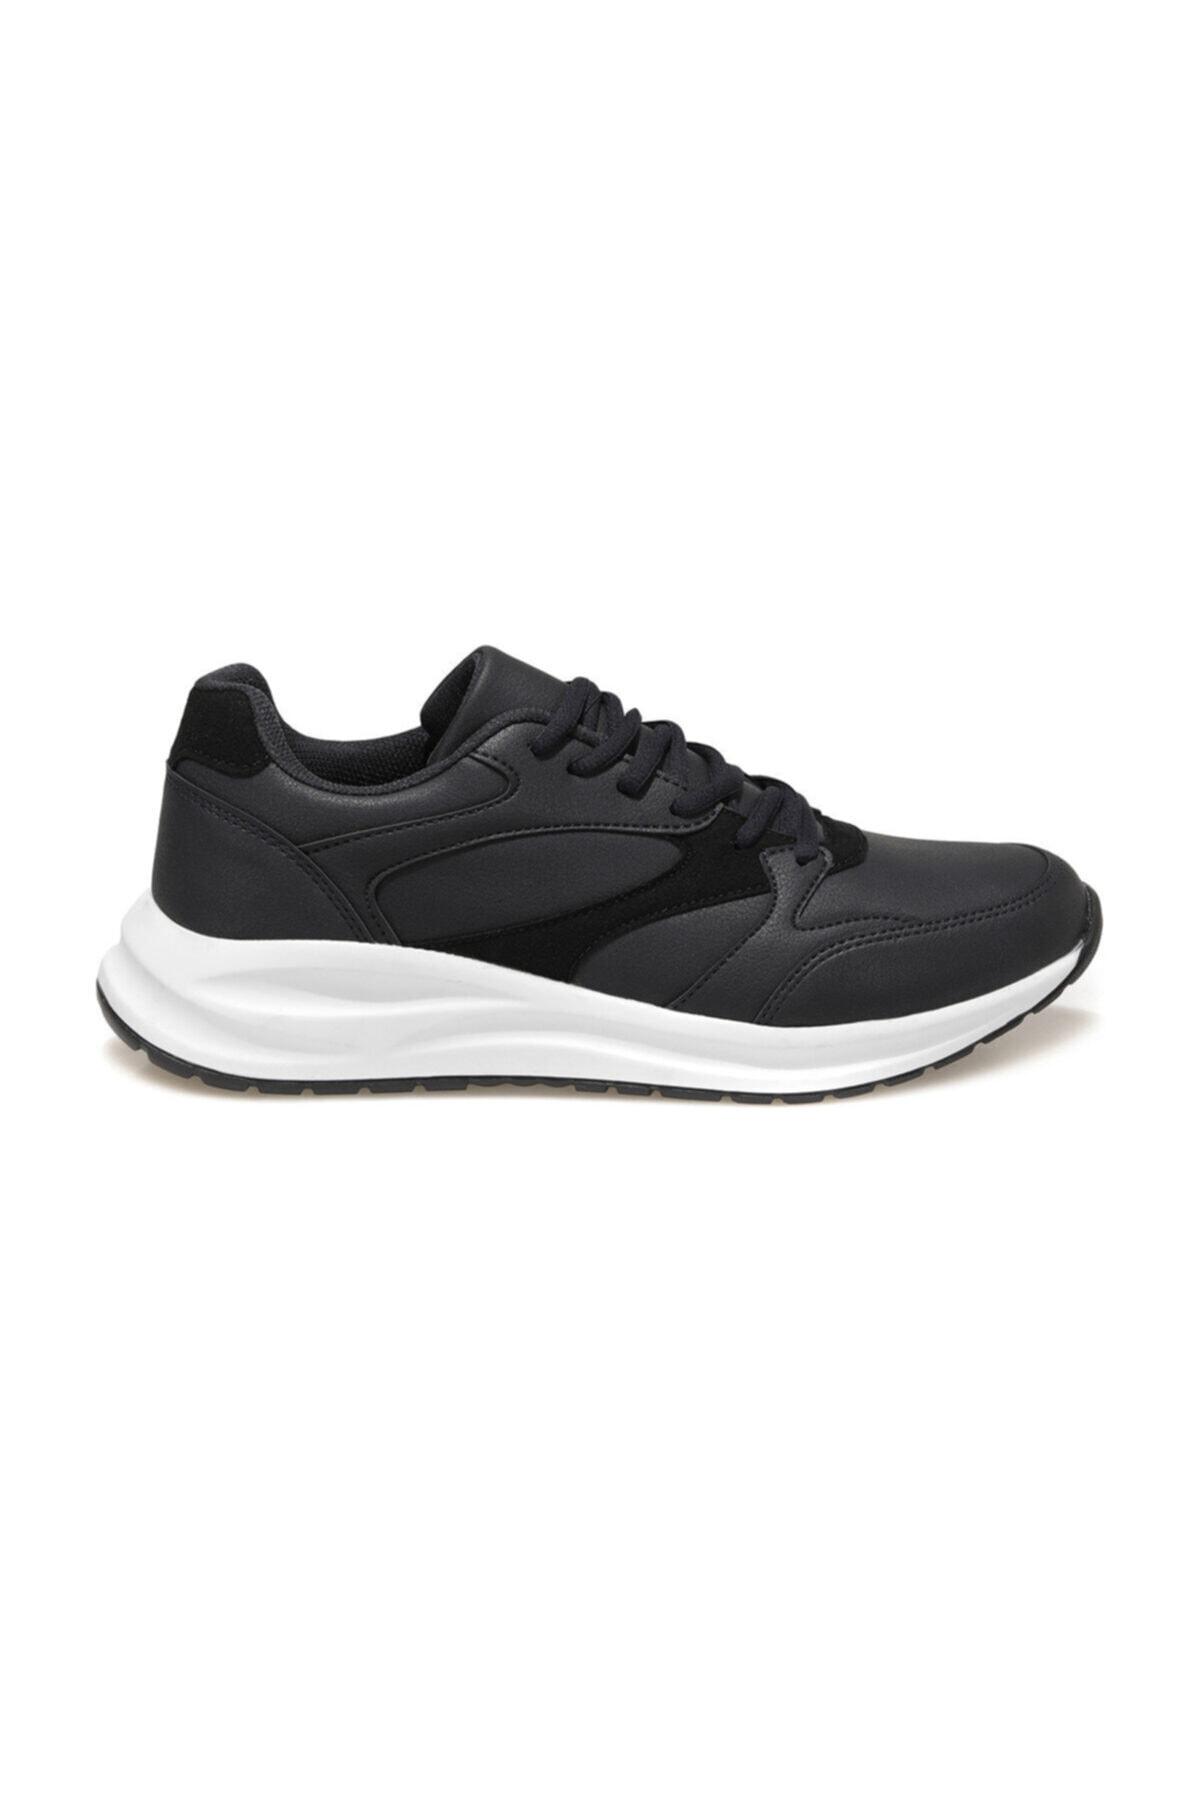 Torex CHROME Lacivert Erkek Sneaker Ayakkabı 100576822 2